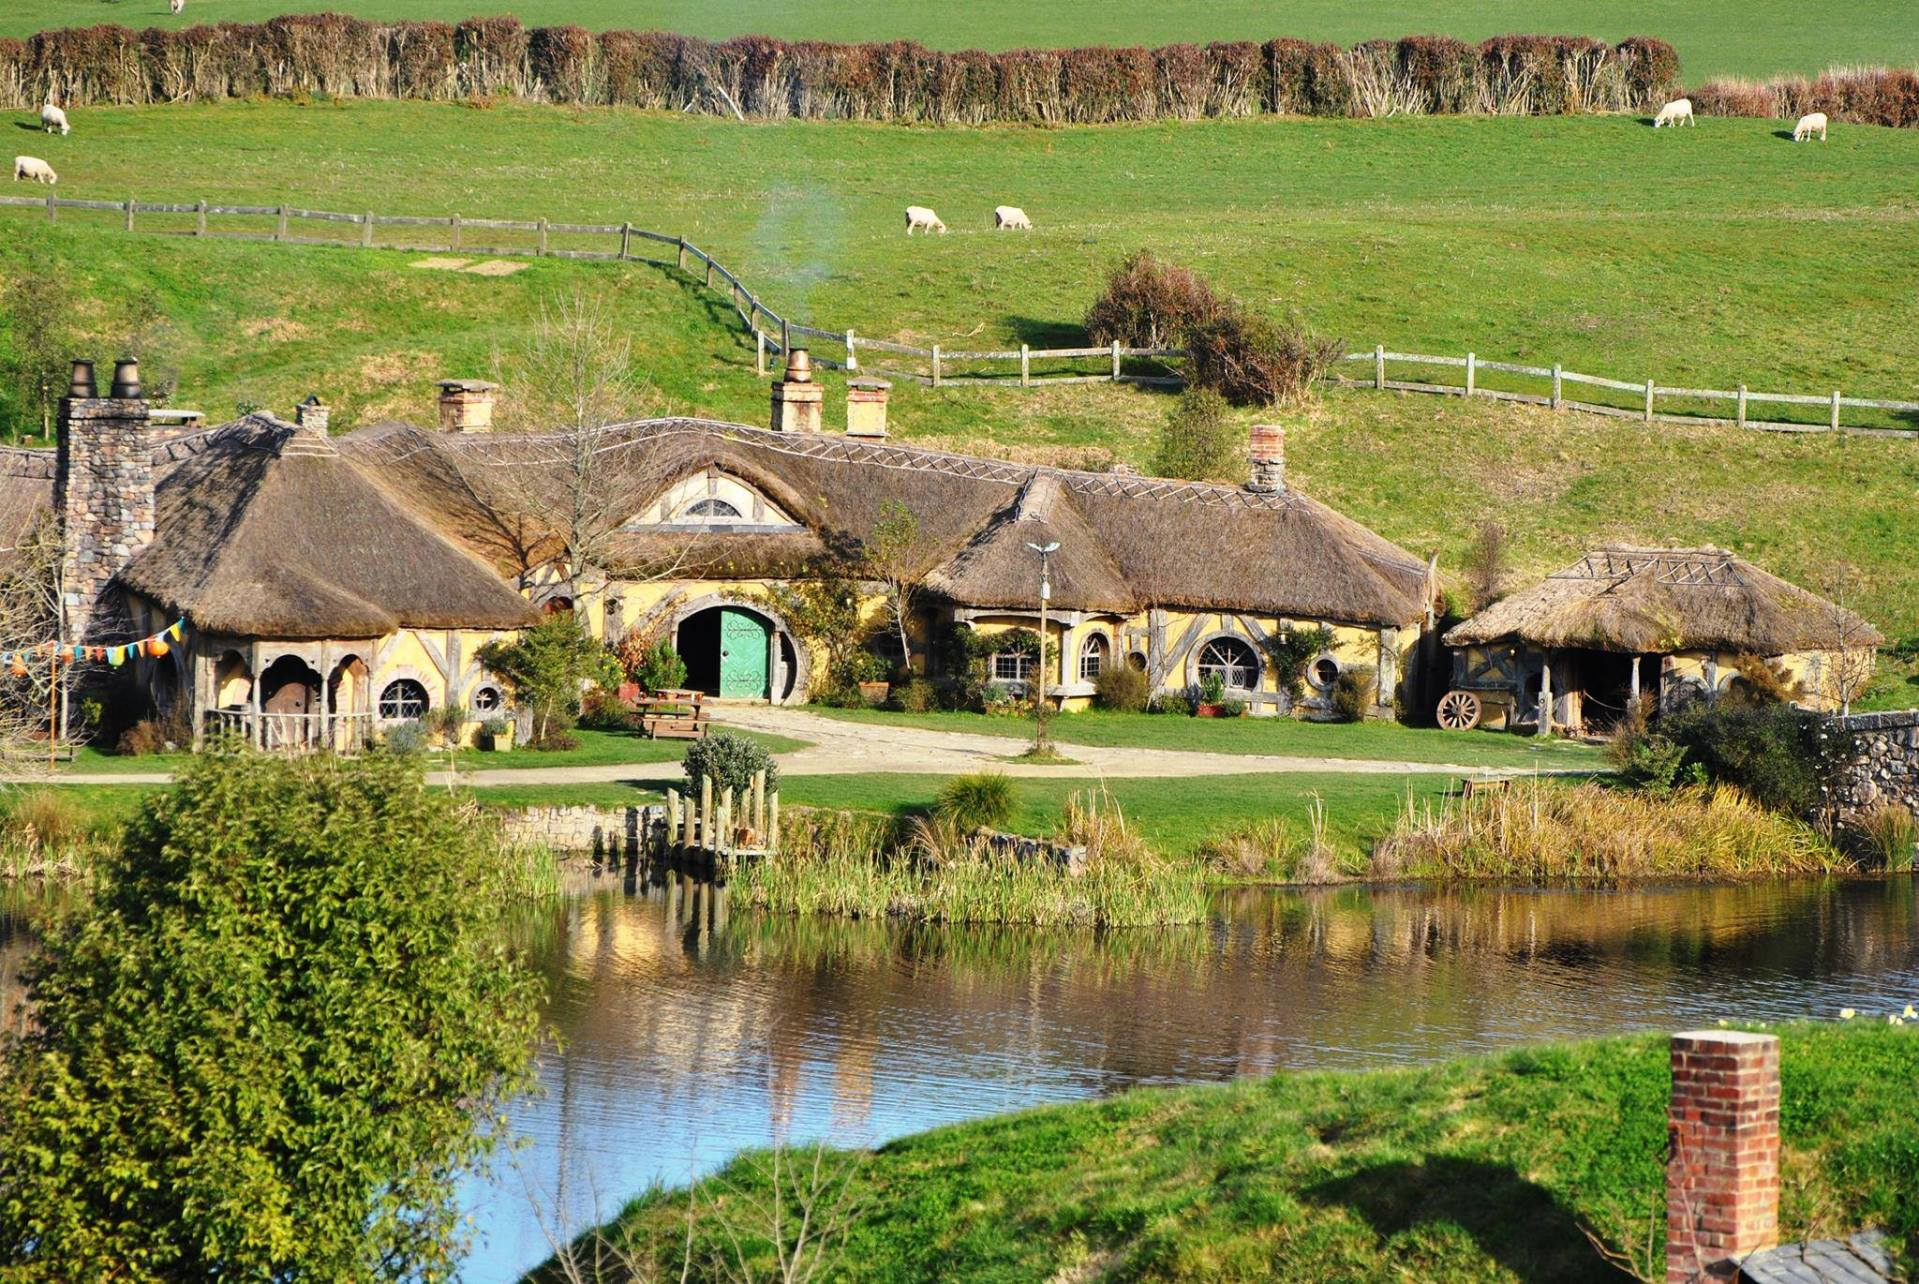 Abre en Nueva Zelanda el Green Dragon, un pub hobbit